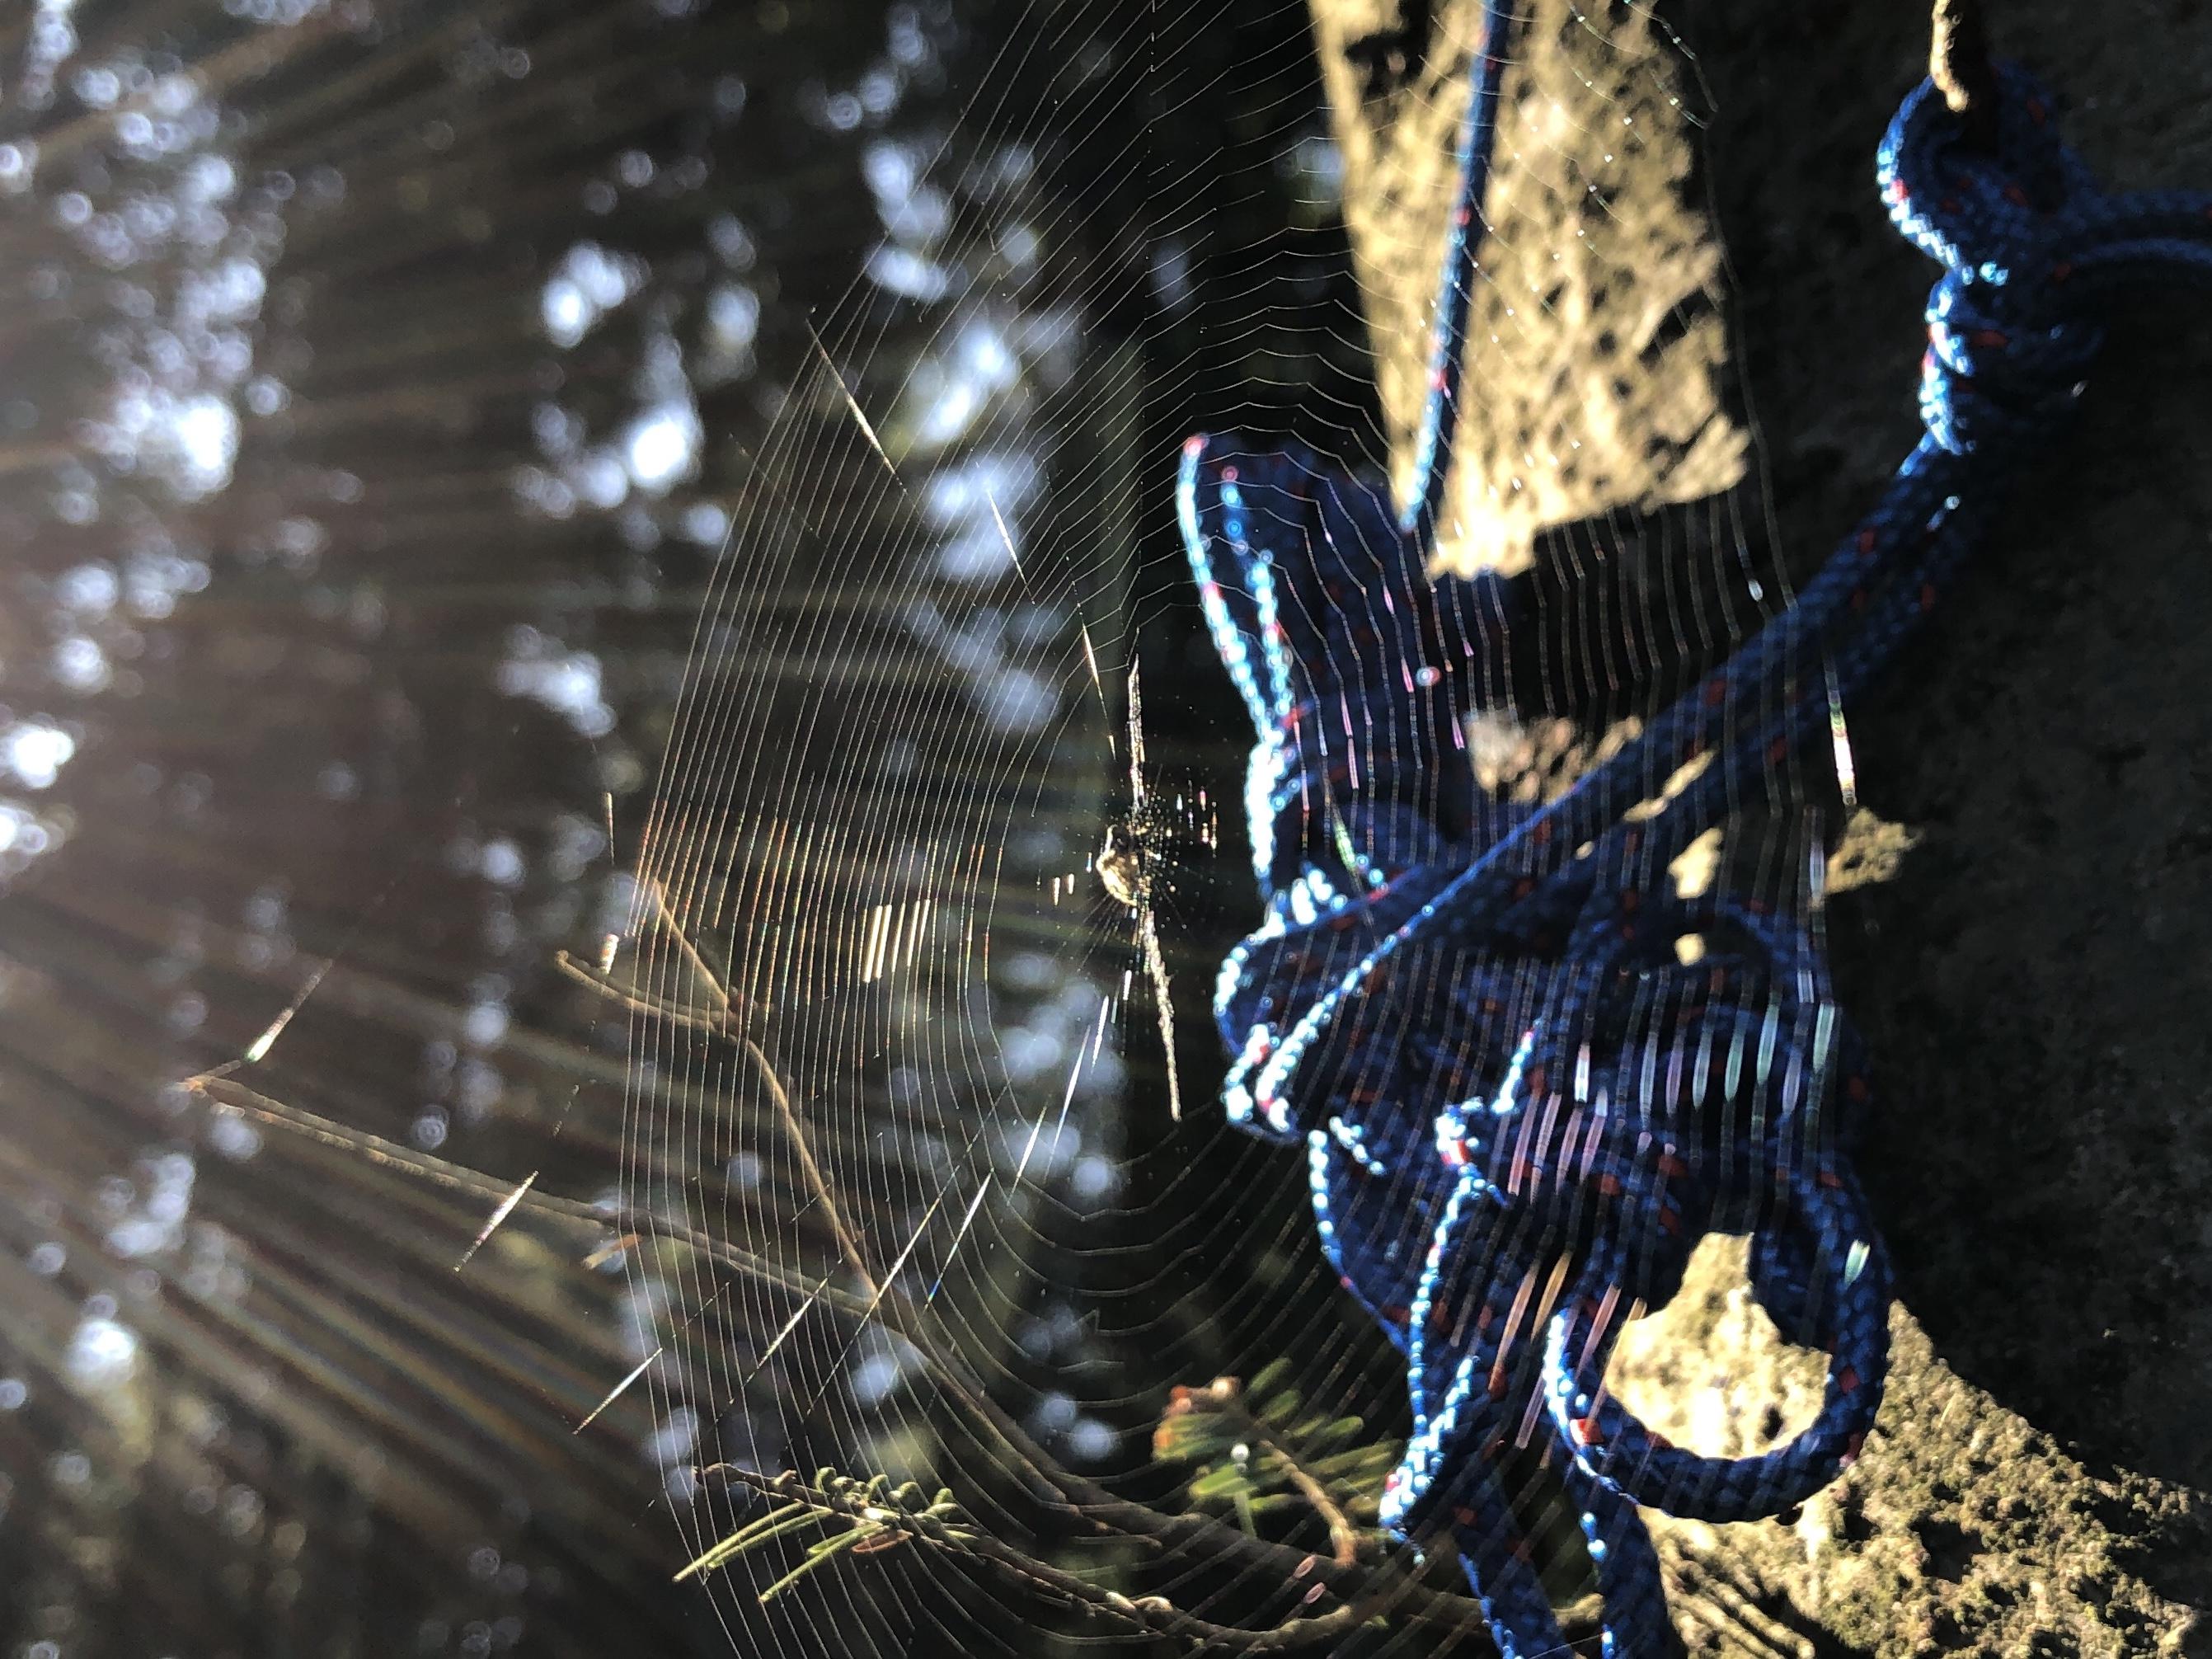 Ludewigas Spinnennetz